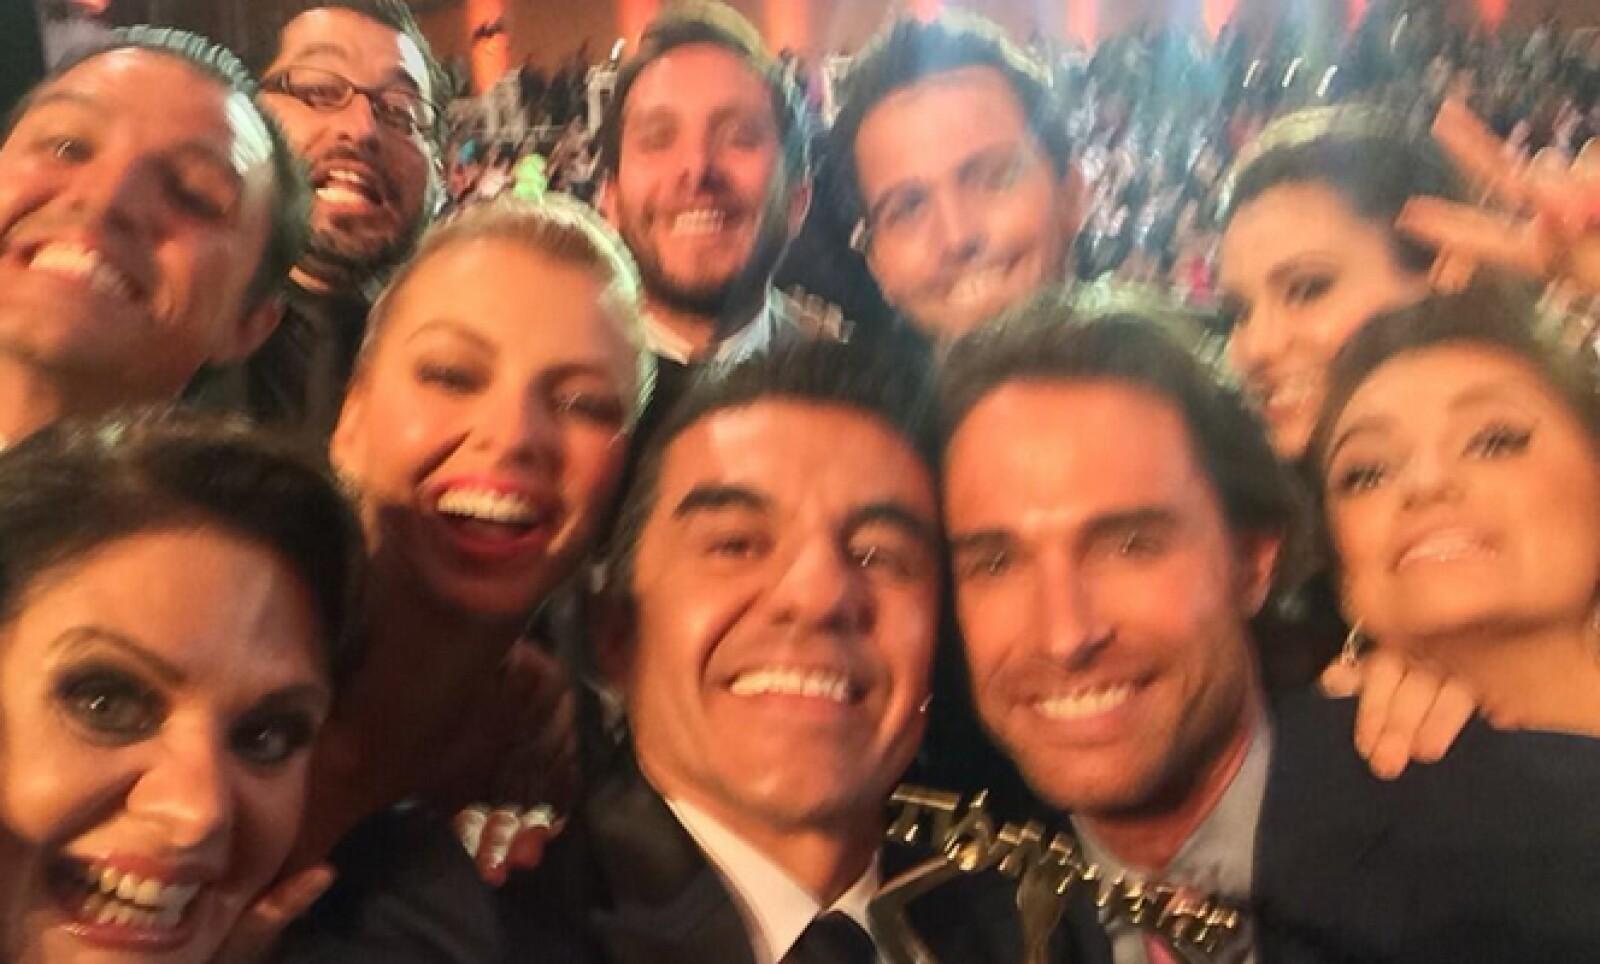 En la entrega de los premios TVyNovelas de Televisa, el comediante Adrián Uribe imitó la famosa fotografía organizada por Ellen DeGeneres en la entrega de los Oscar.